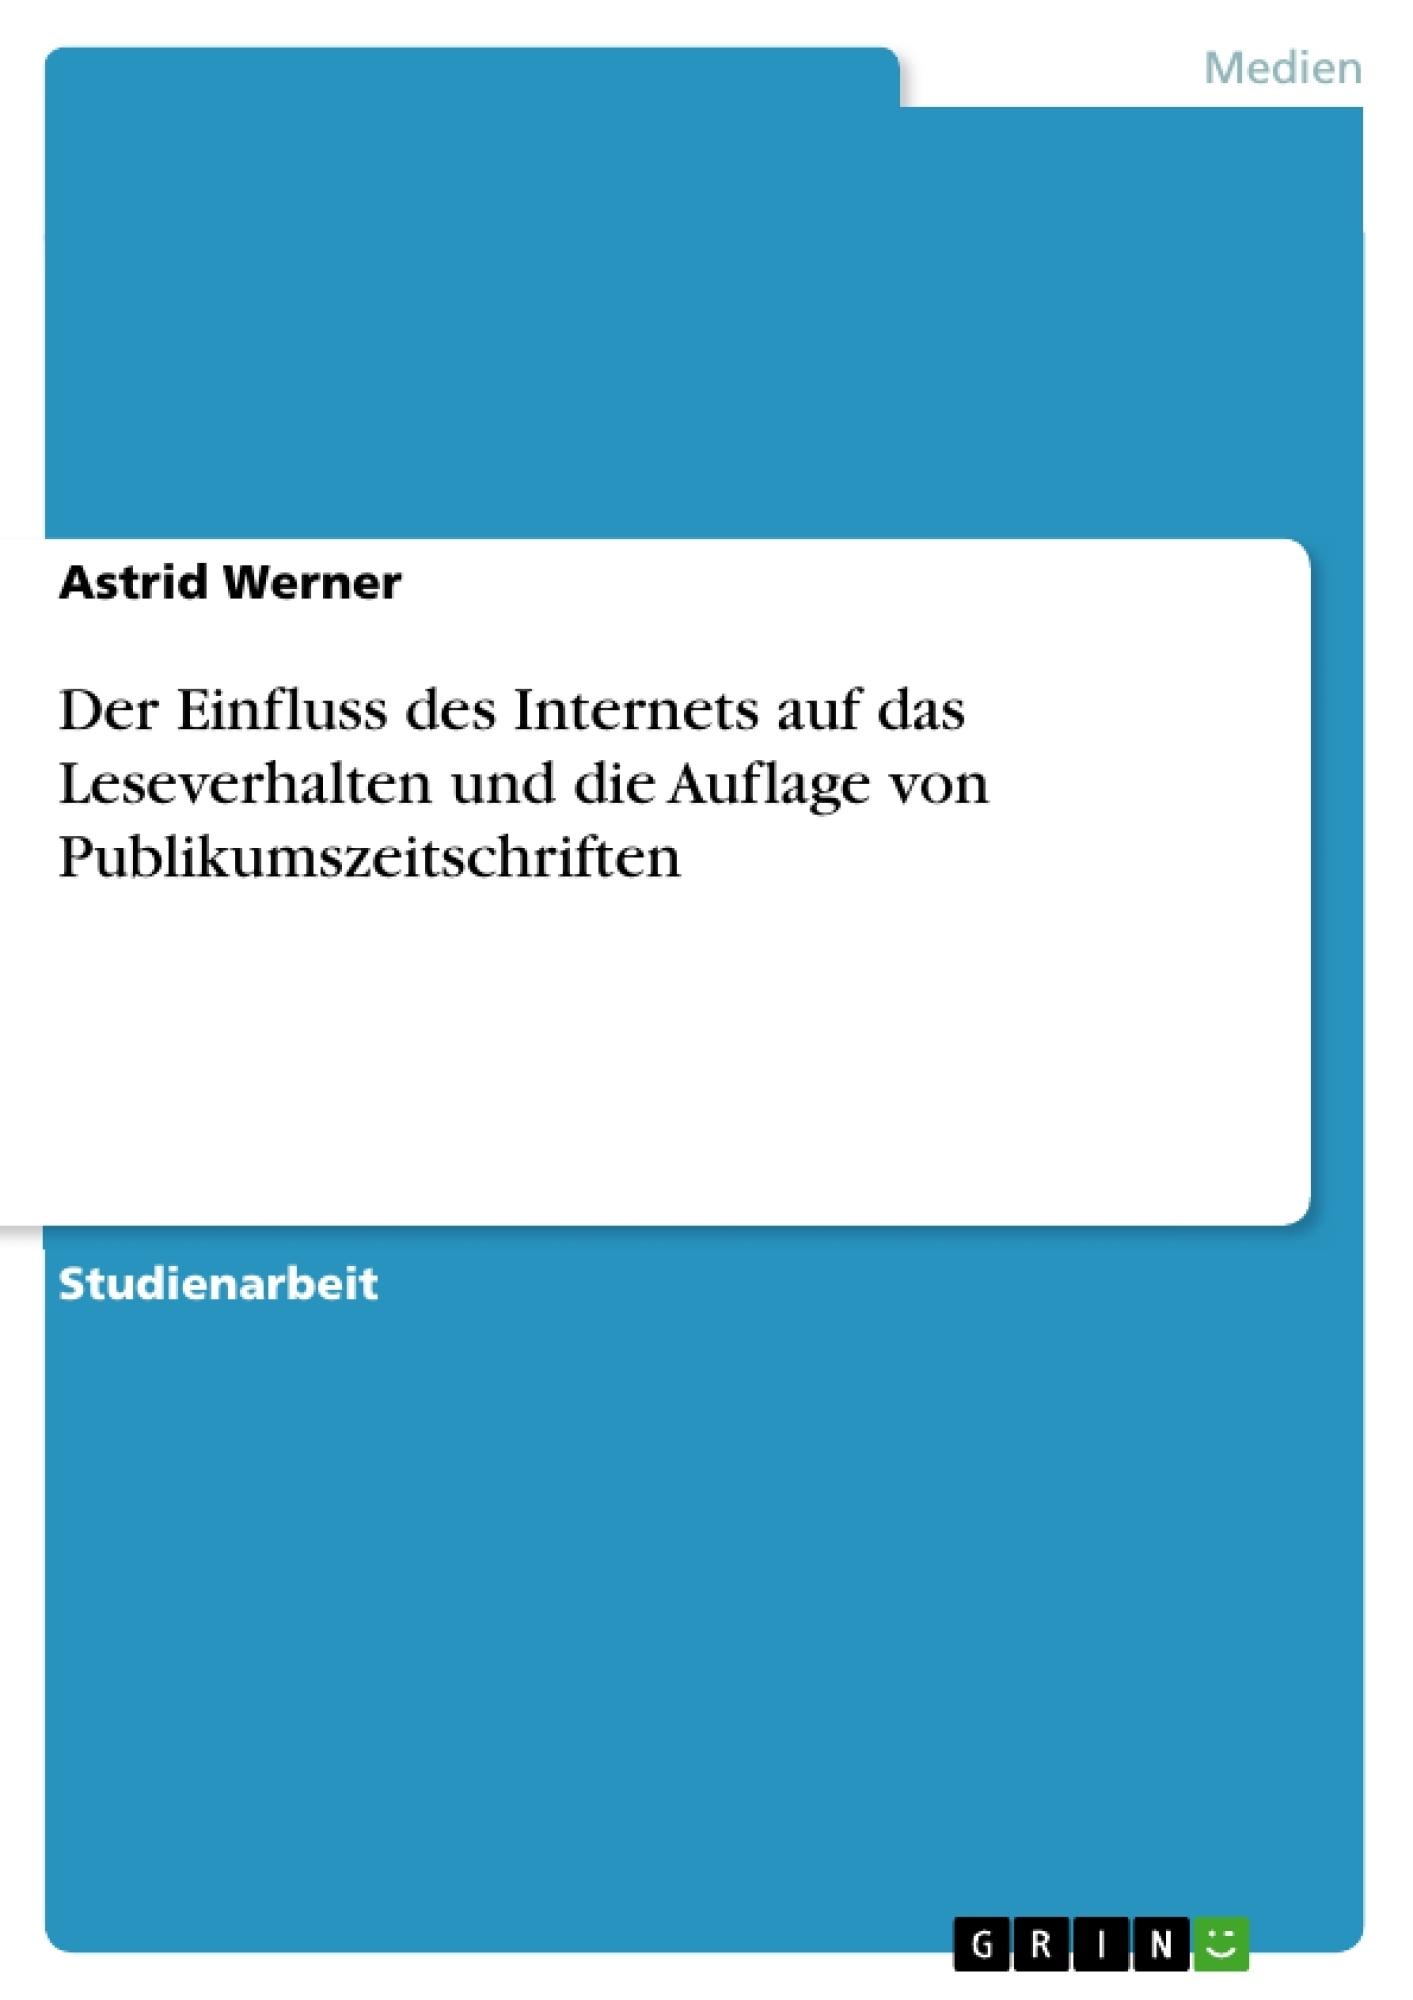 Titel: Der Einfluss des Internets auf das Leseverhalten und die Auflage von Publikumszeitschriften